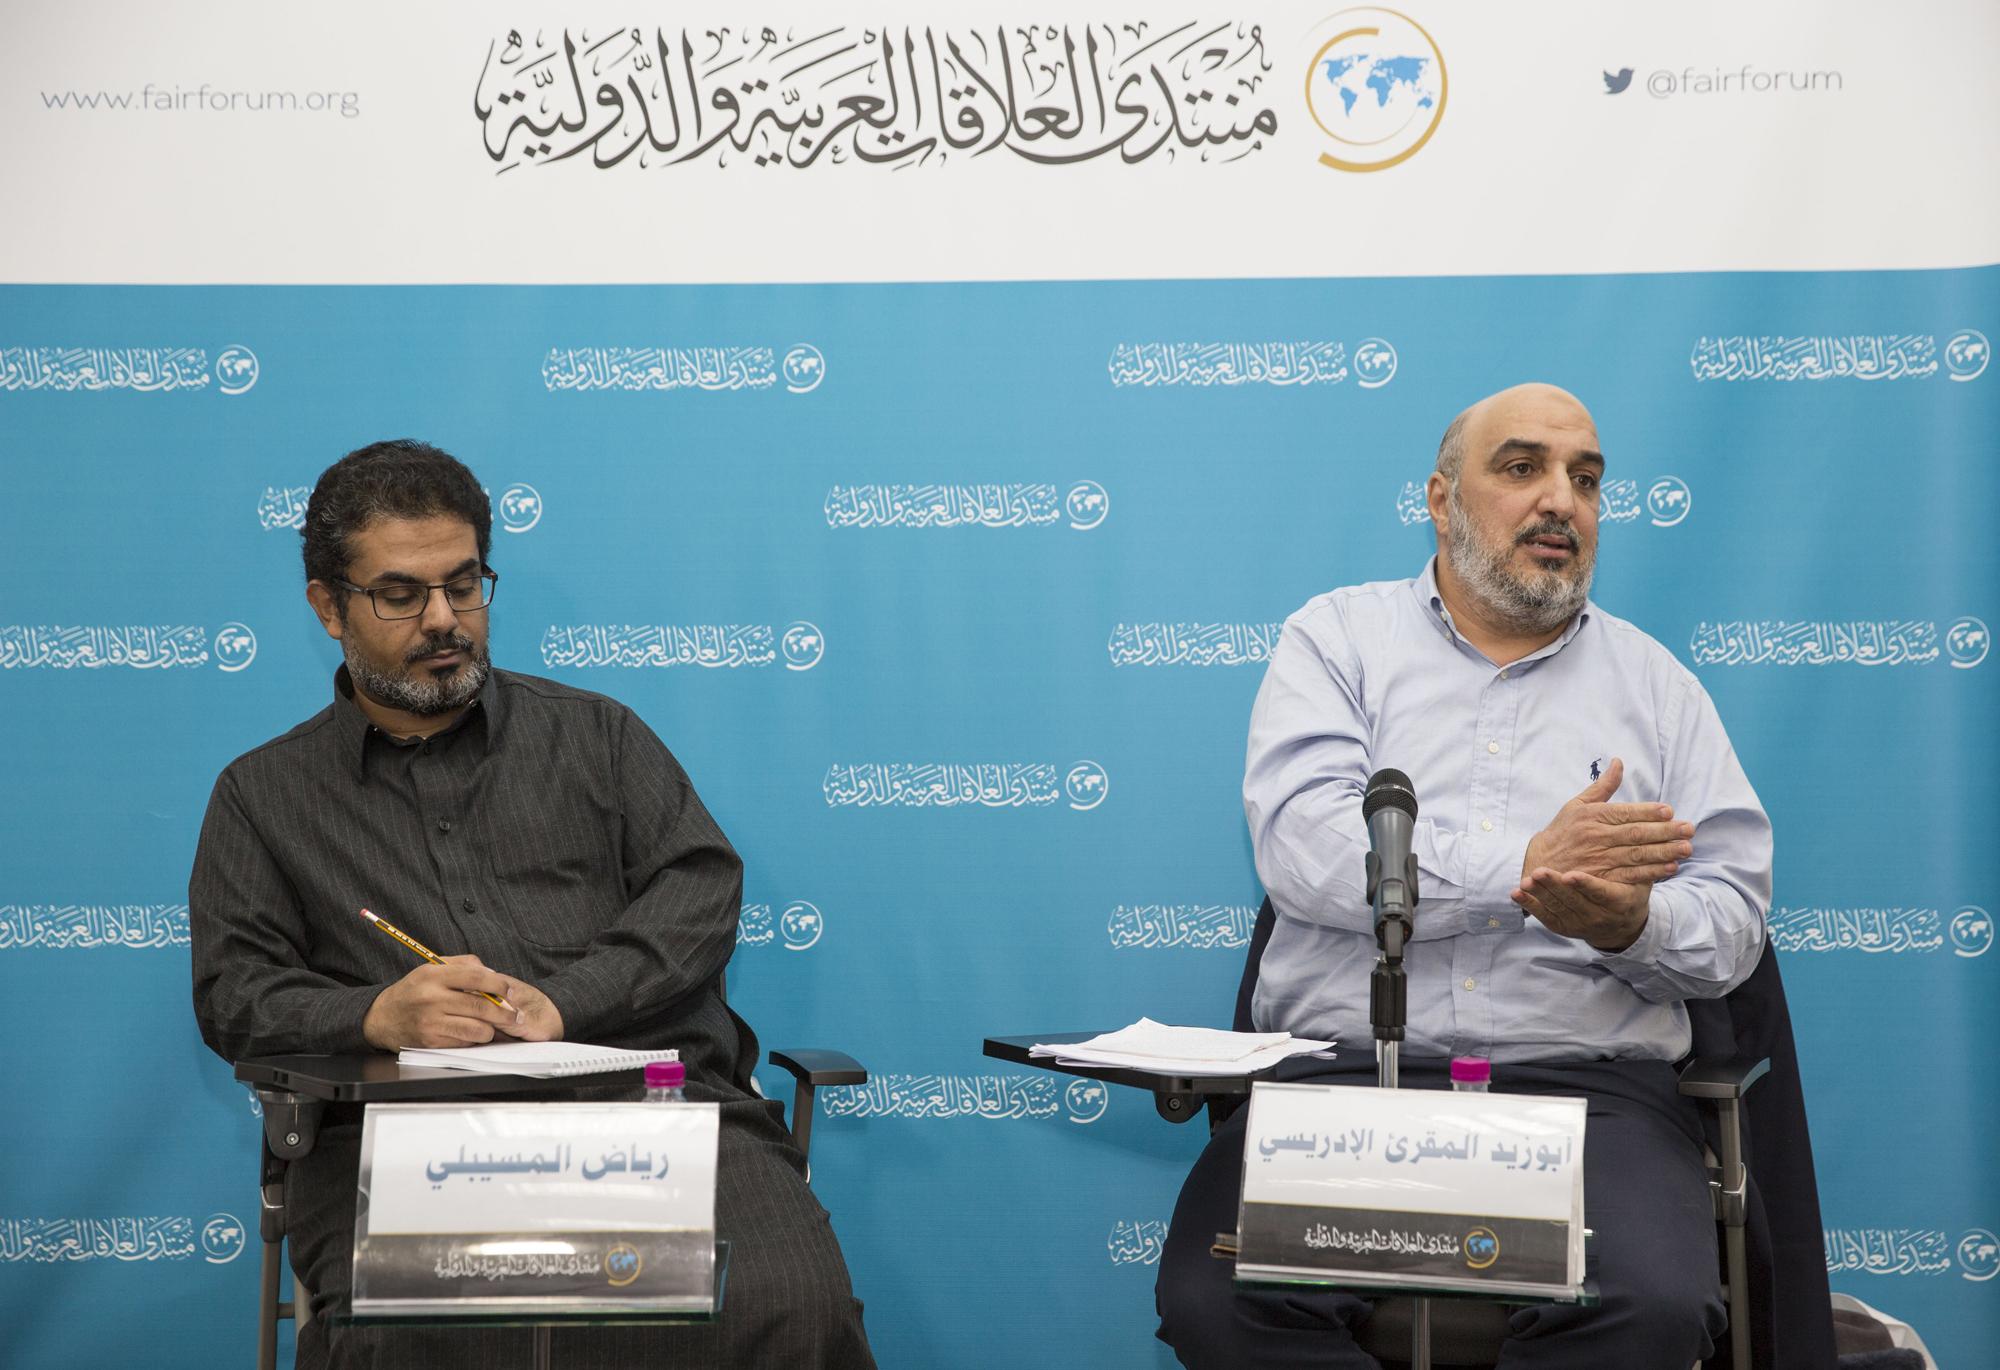 موجة الإلحاد: حقيقة عقدية أم ظاهرة سياسية؟ | أبو زيد المقرئ الإدريسي